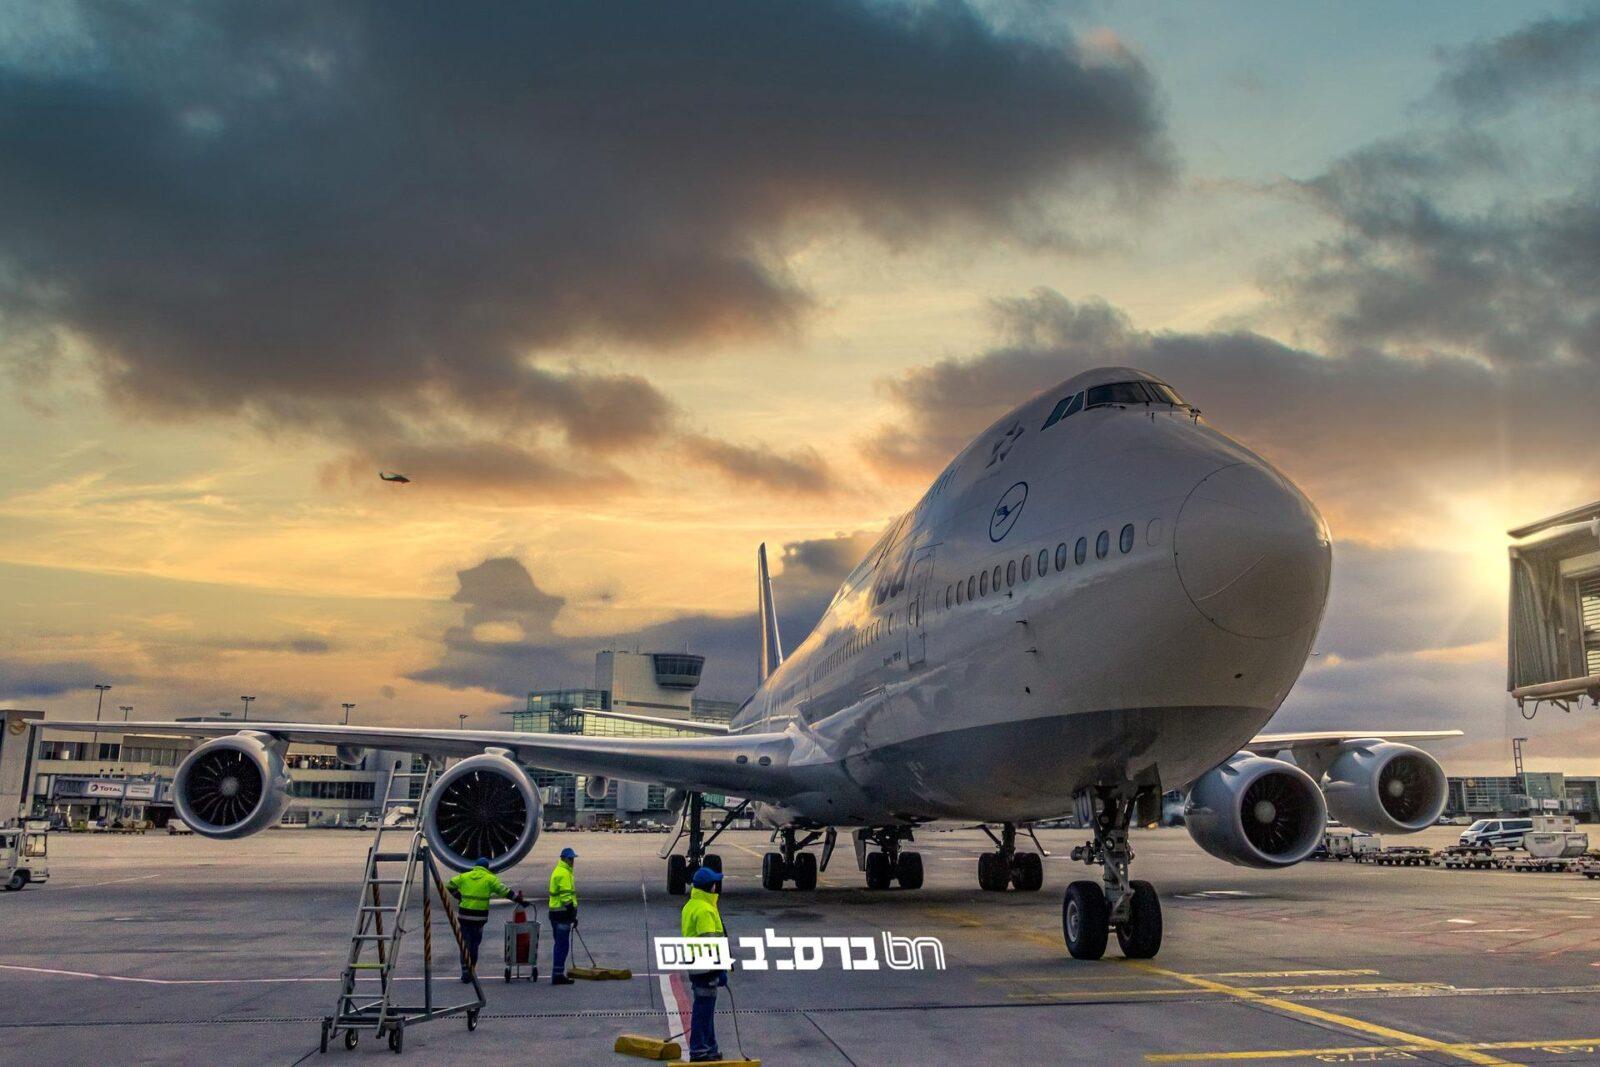 """הבידוד לשבים לביתם: בארה""""ב קוצרו ל-4 ימים בלבד, ומה שמתגבש בארץ ישראל • כל הפרטים"""